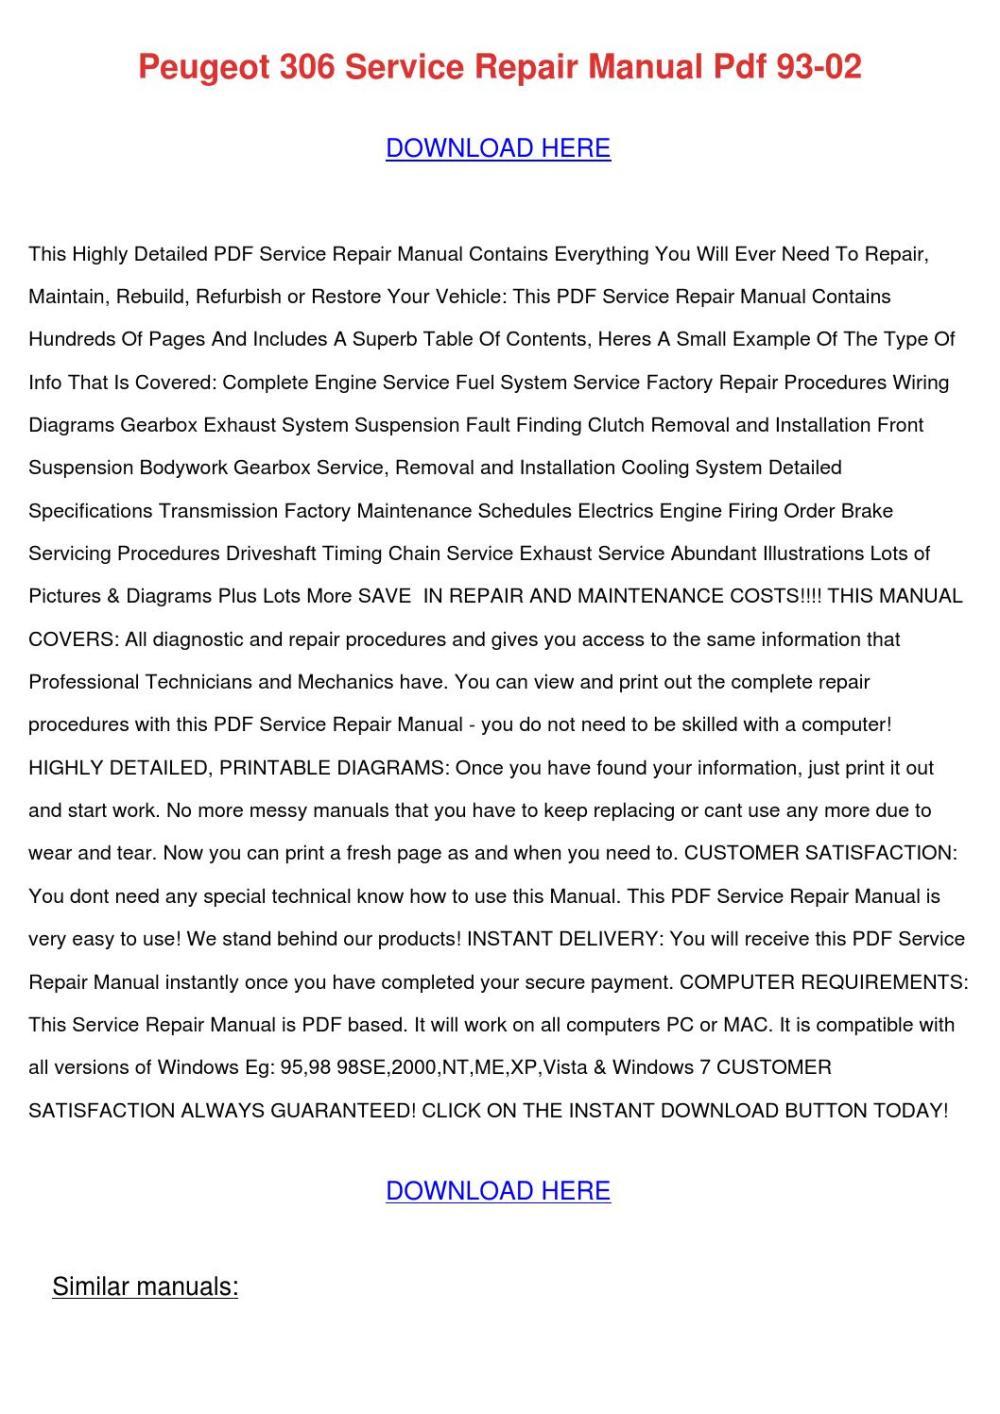 medium resolution of peugeot 306 service repair manual pdf 93 02